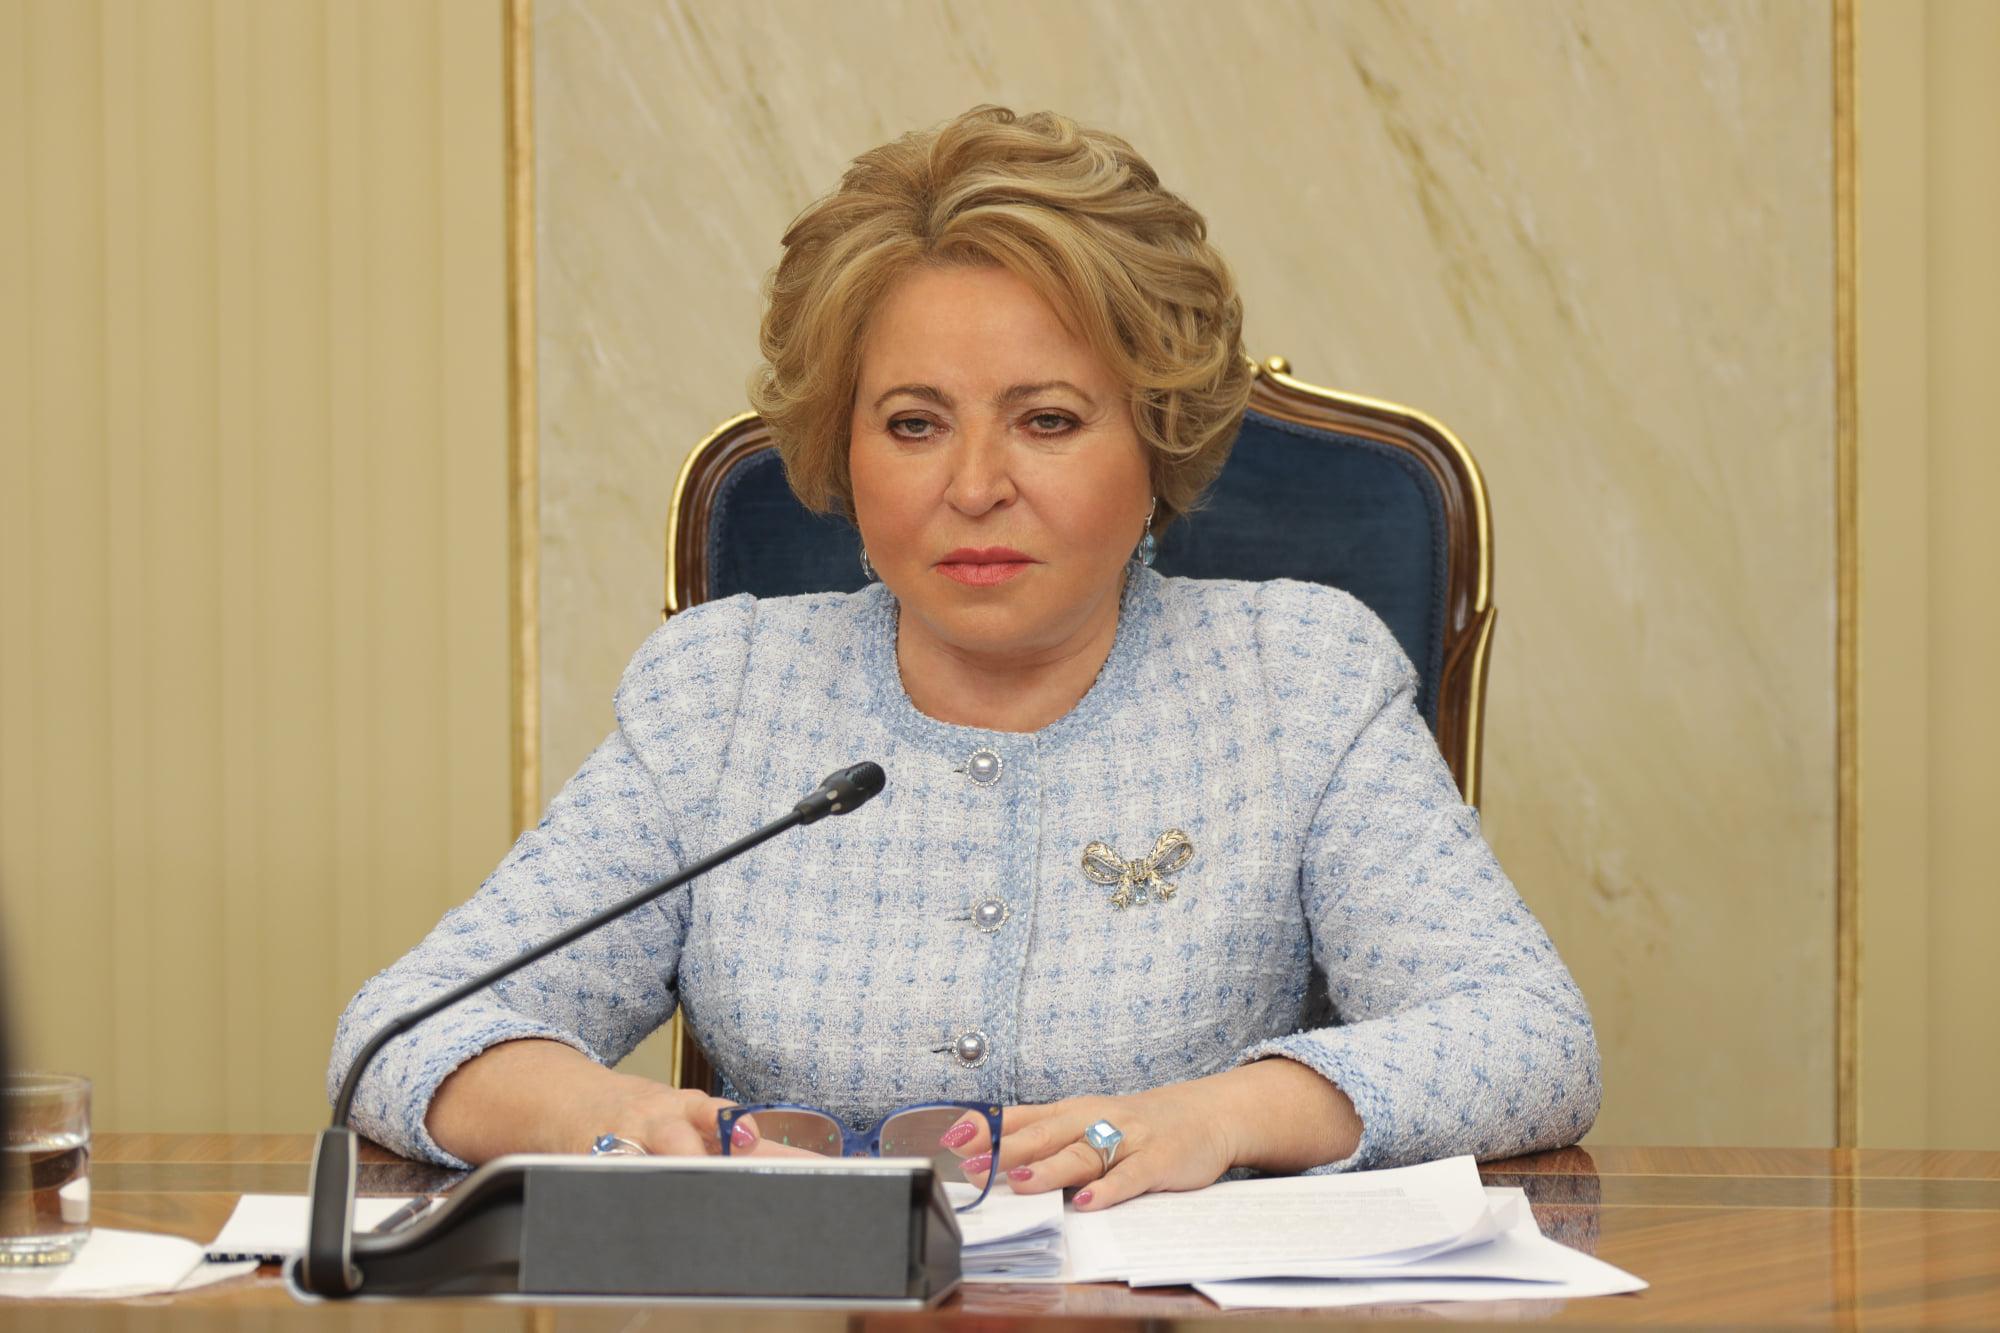 Матвиенко выразила гордость несгибаемой волей защитников блокадного Ленинграда